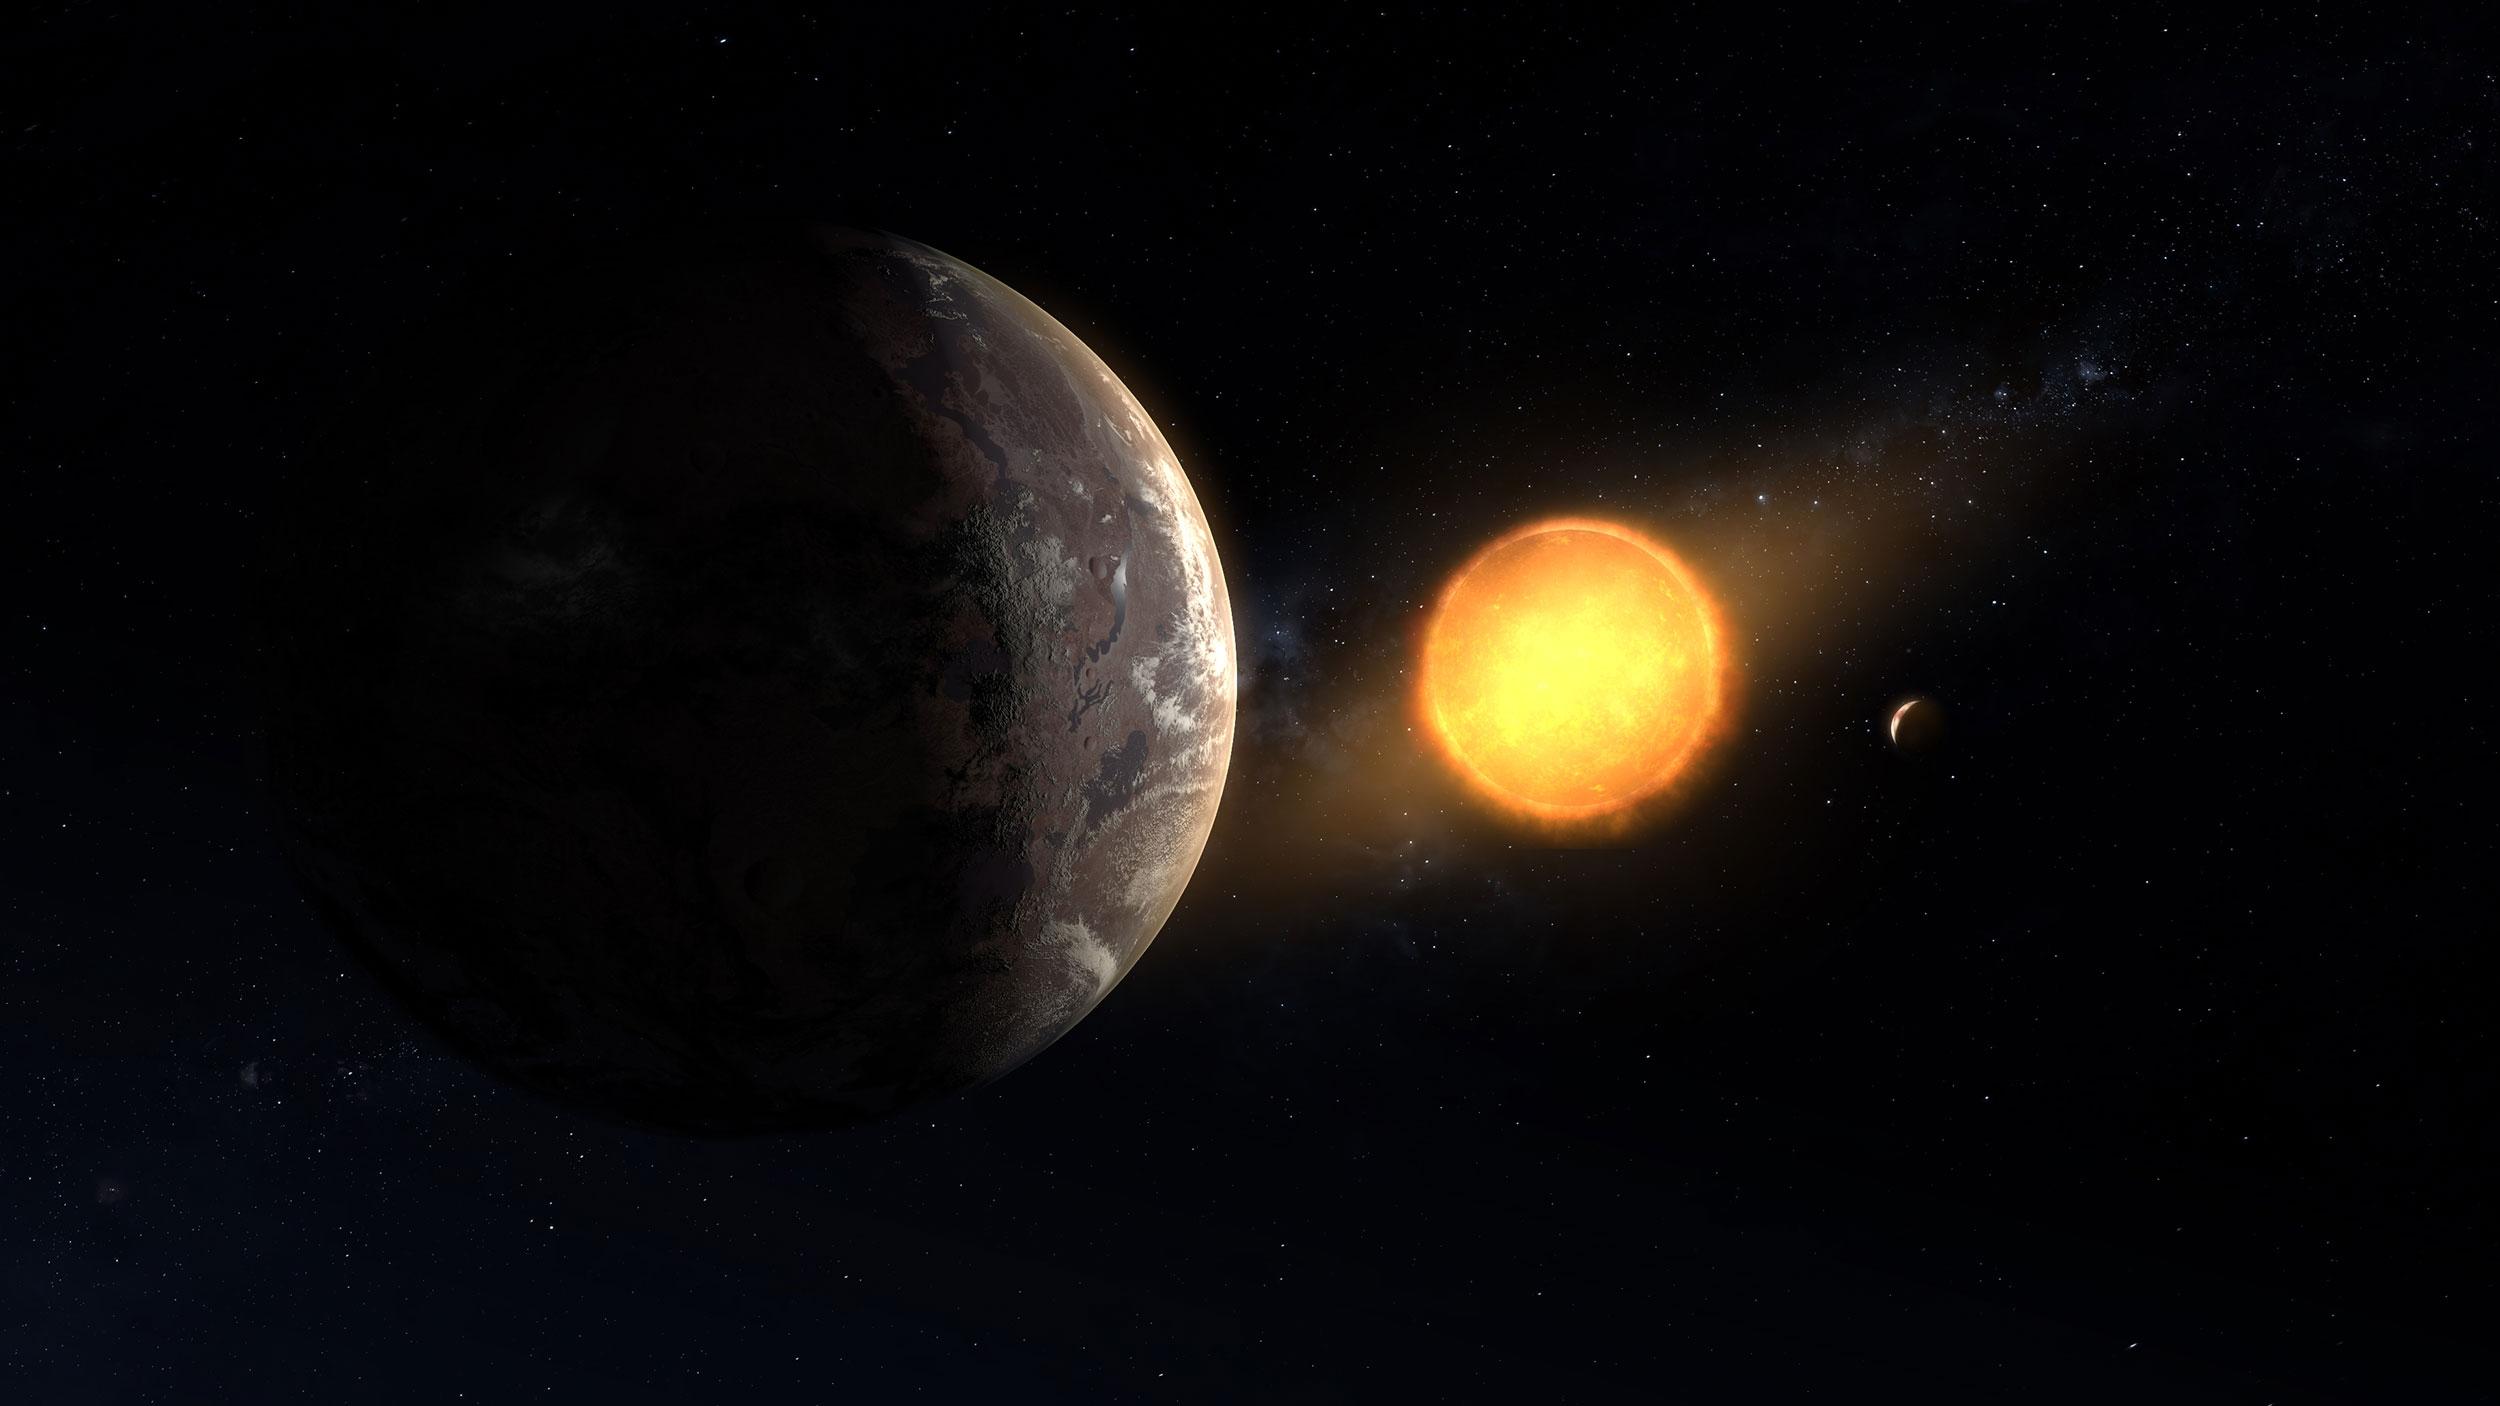 Concepção artística do planeta Kepler-1649c e sua estrela